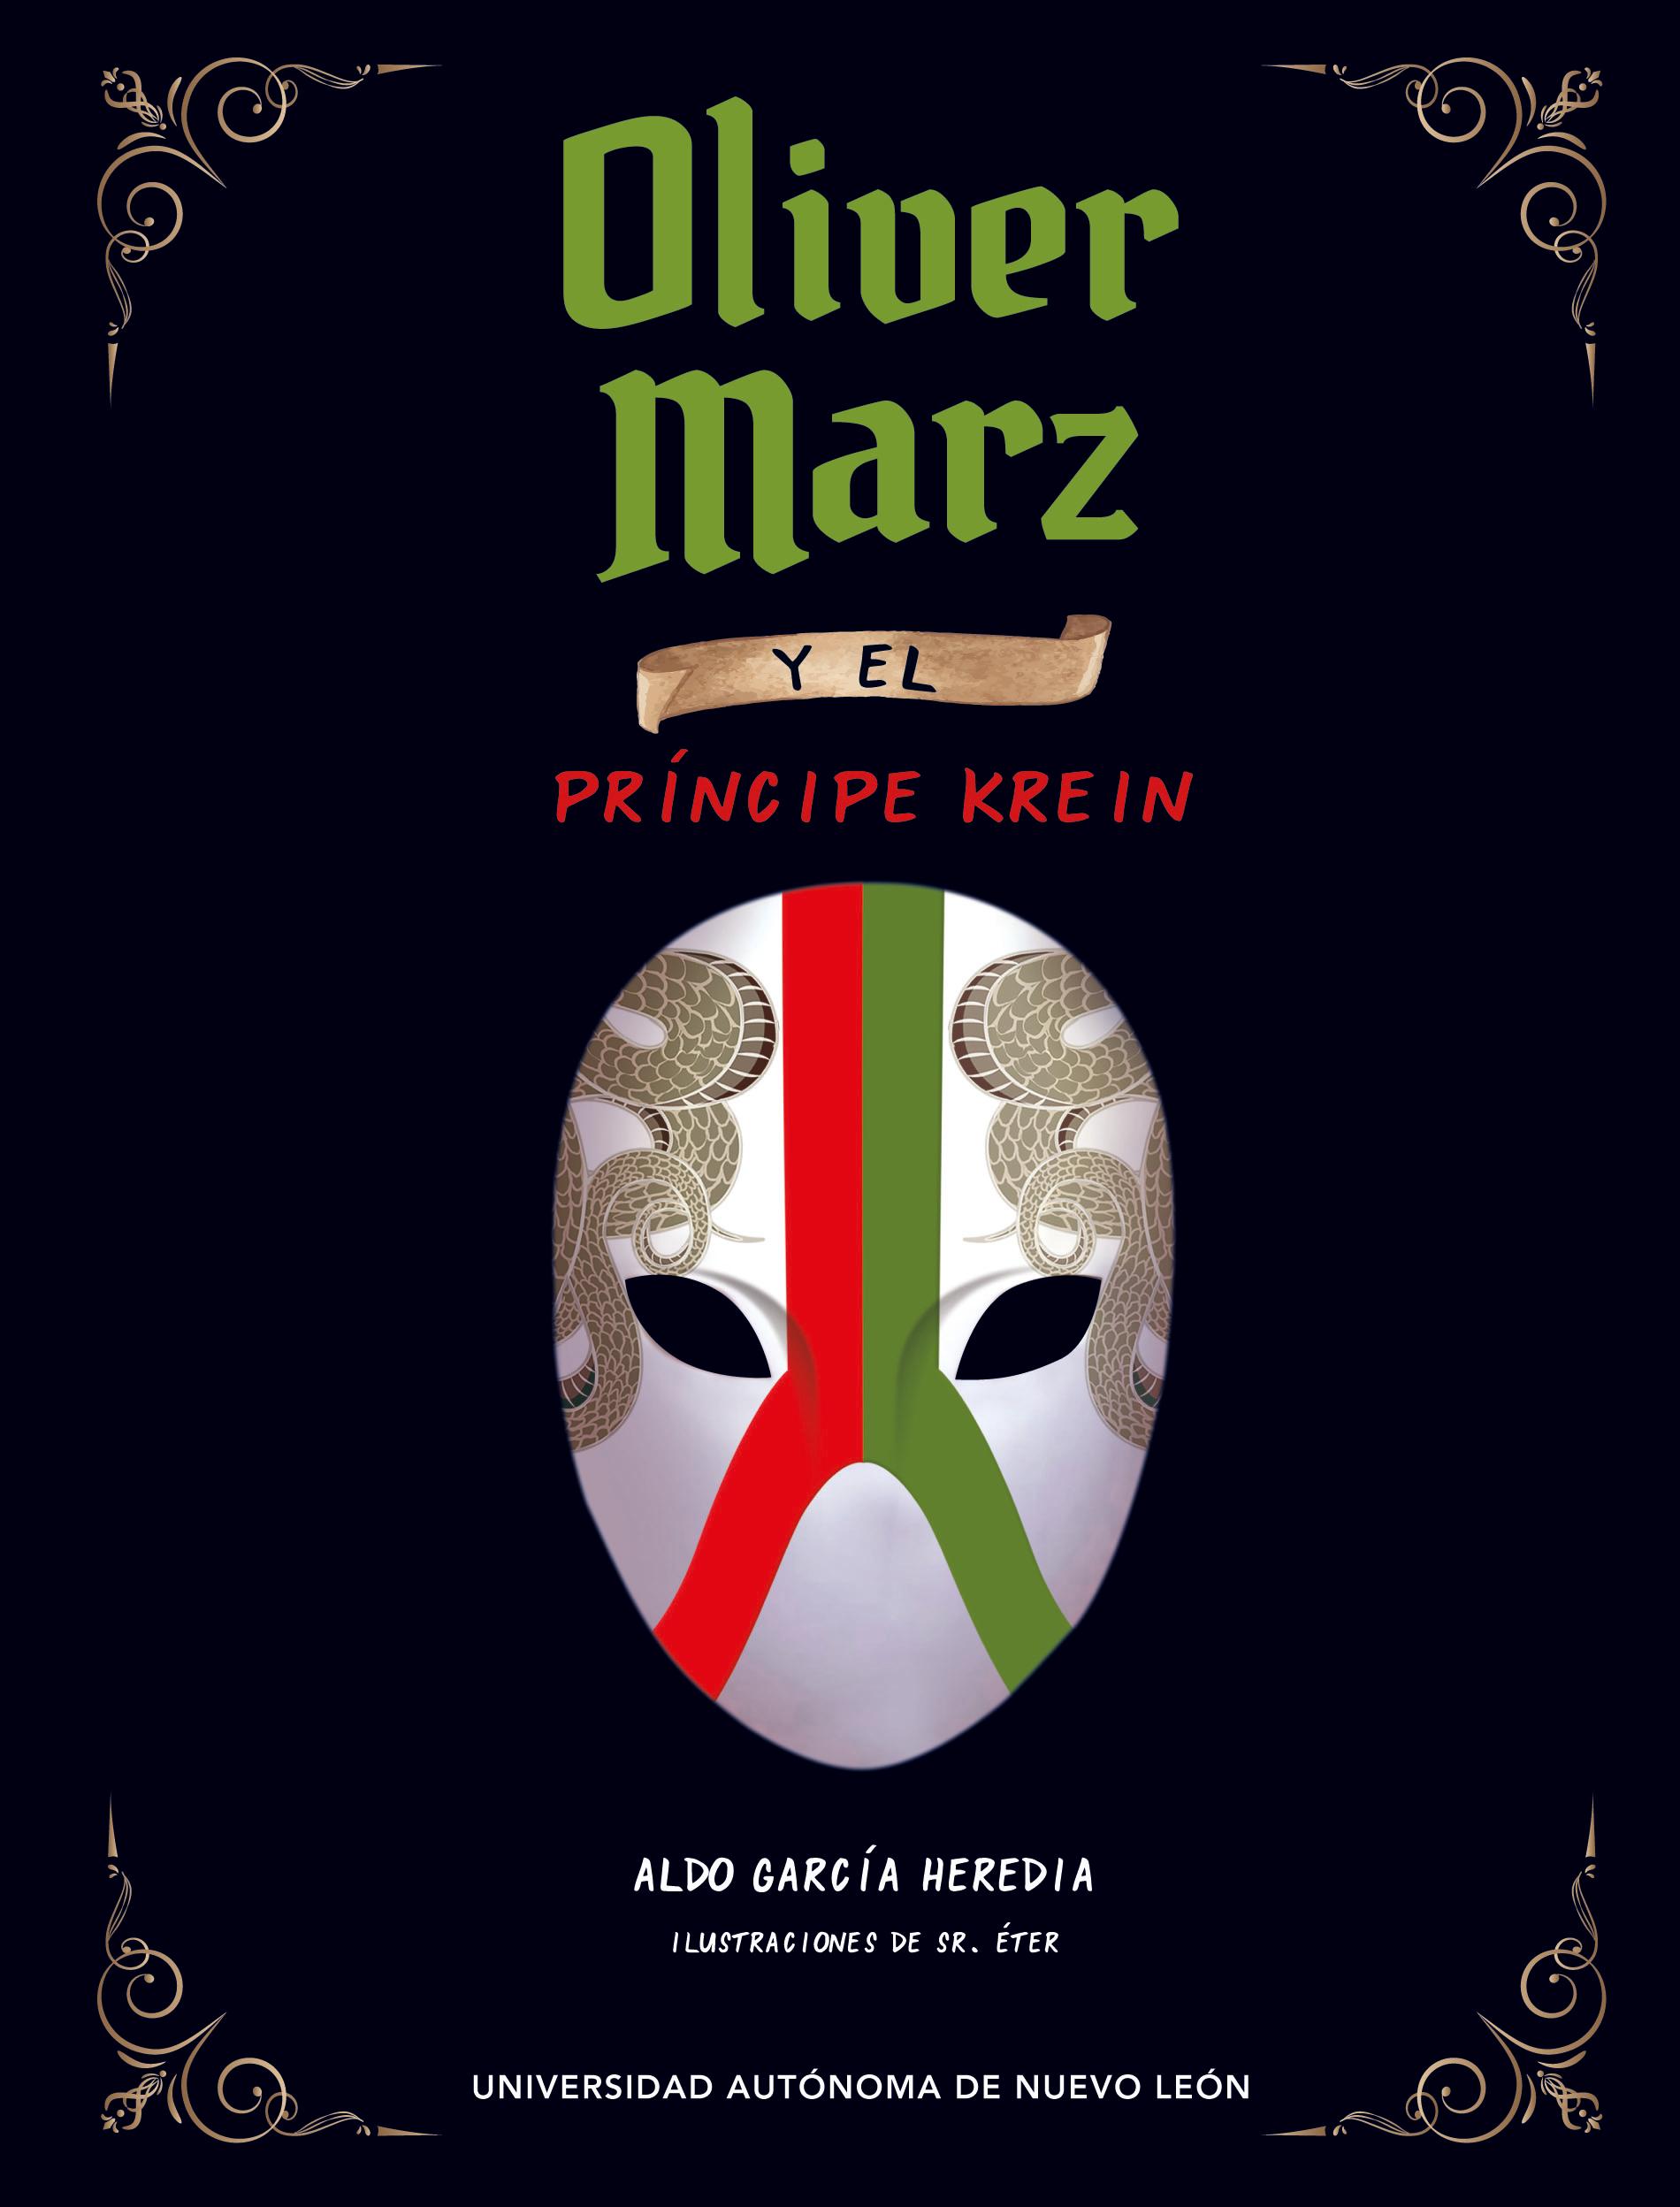 Oliver Marz y el príncipe Krein